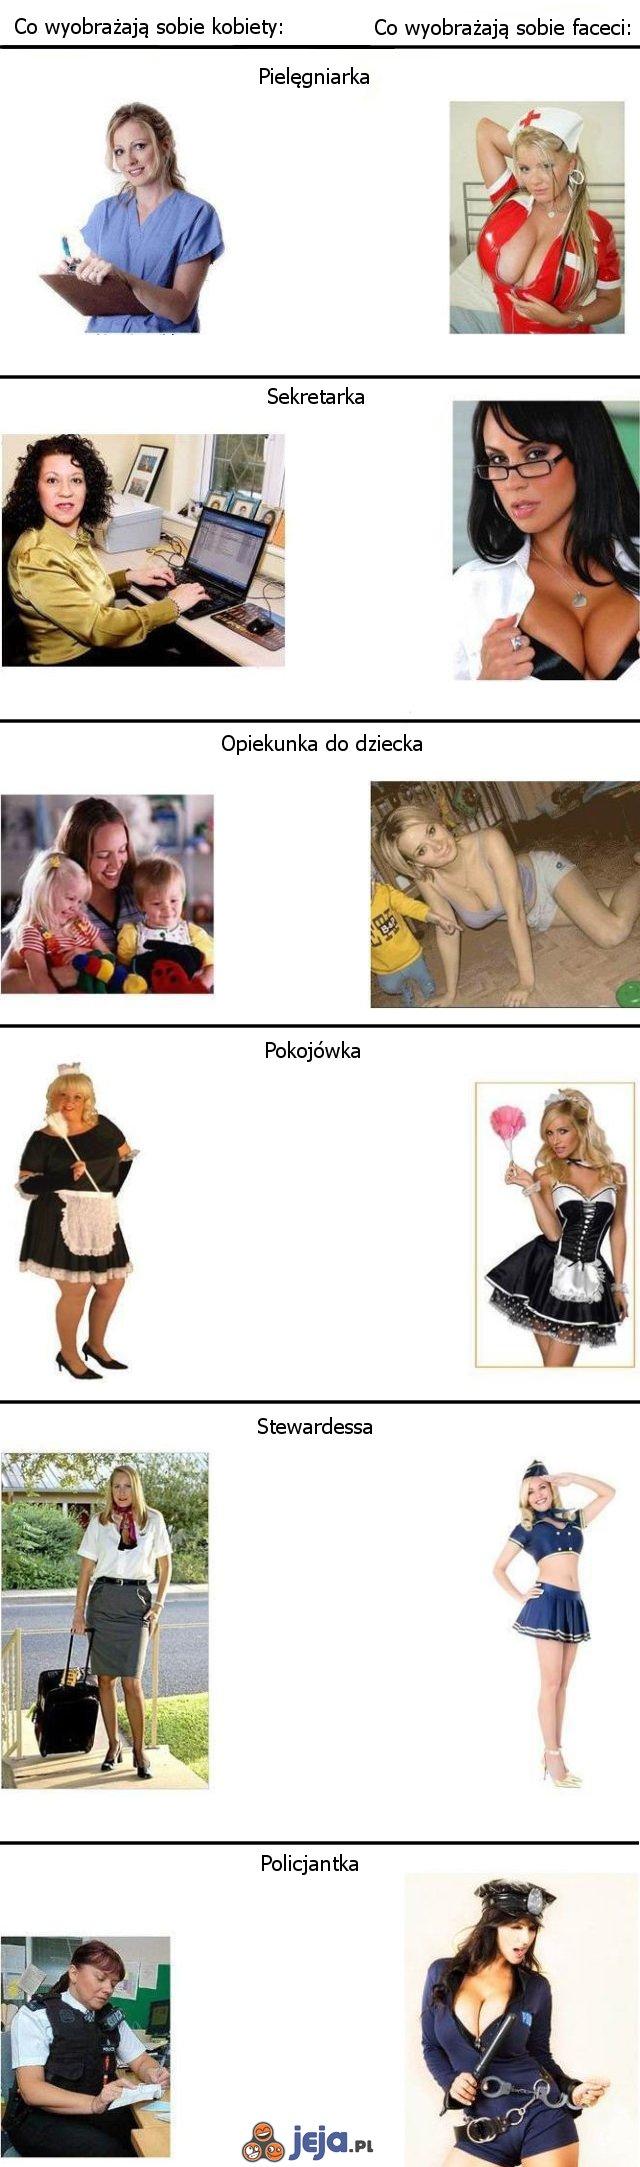 Wyobraźnia kobiet i mężczyzn